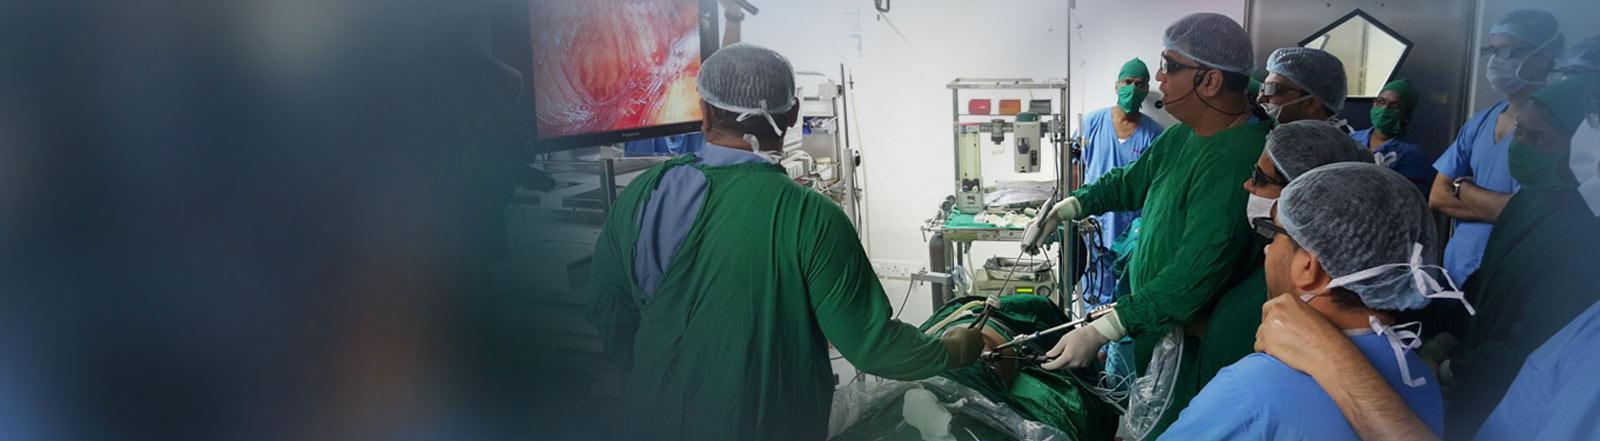 Laparoscopic Surgery Trainer in India